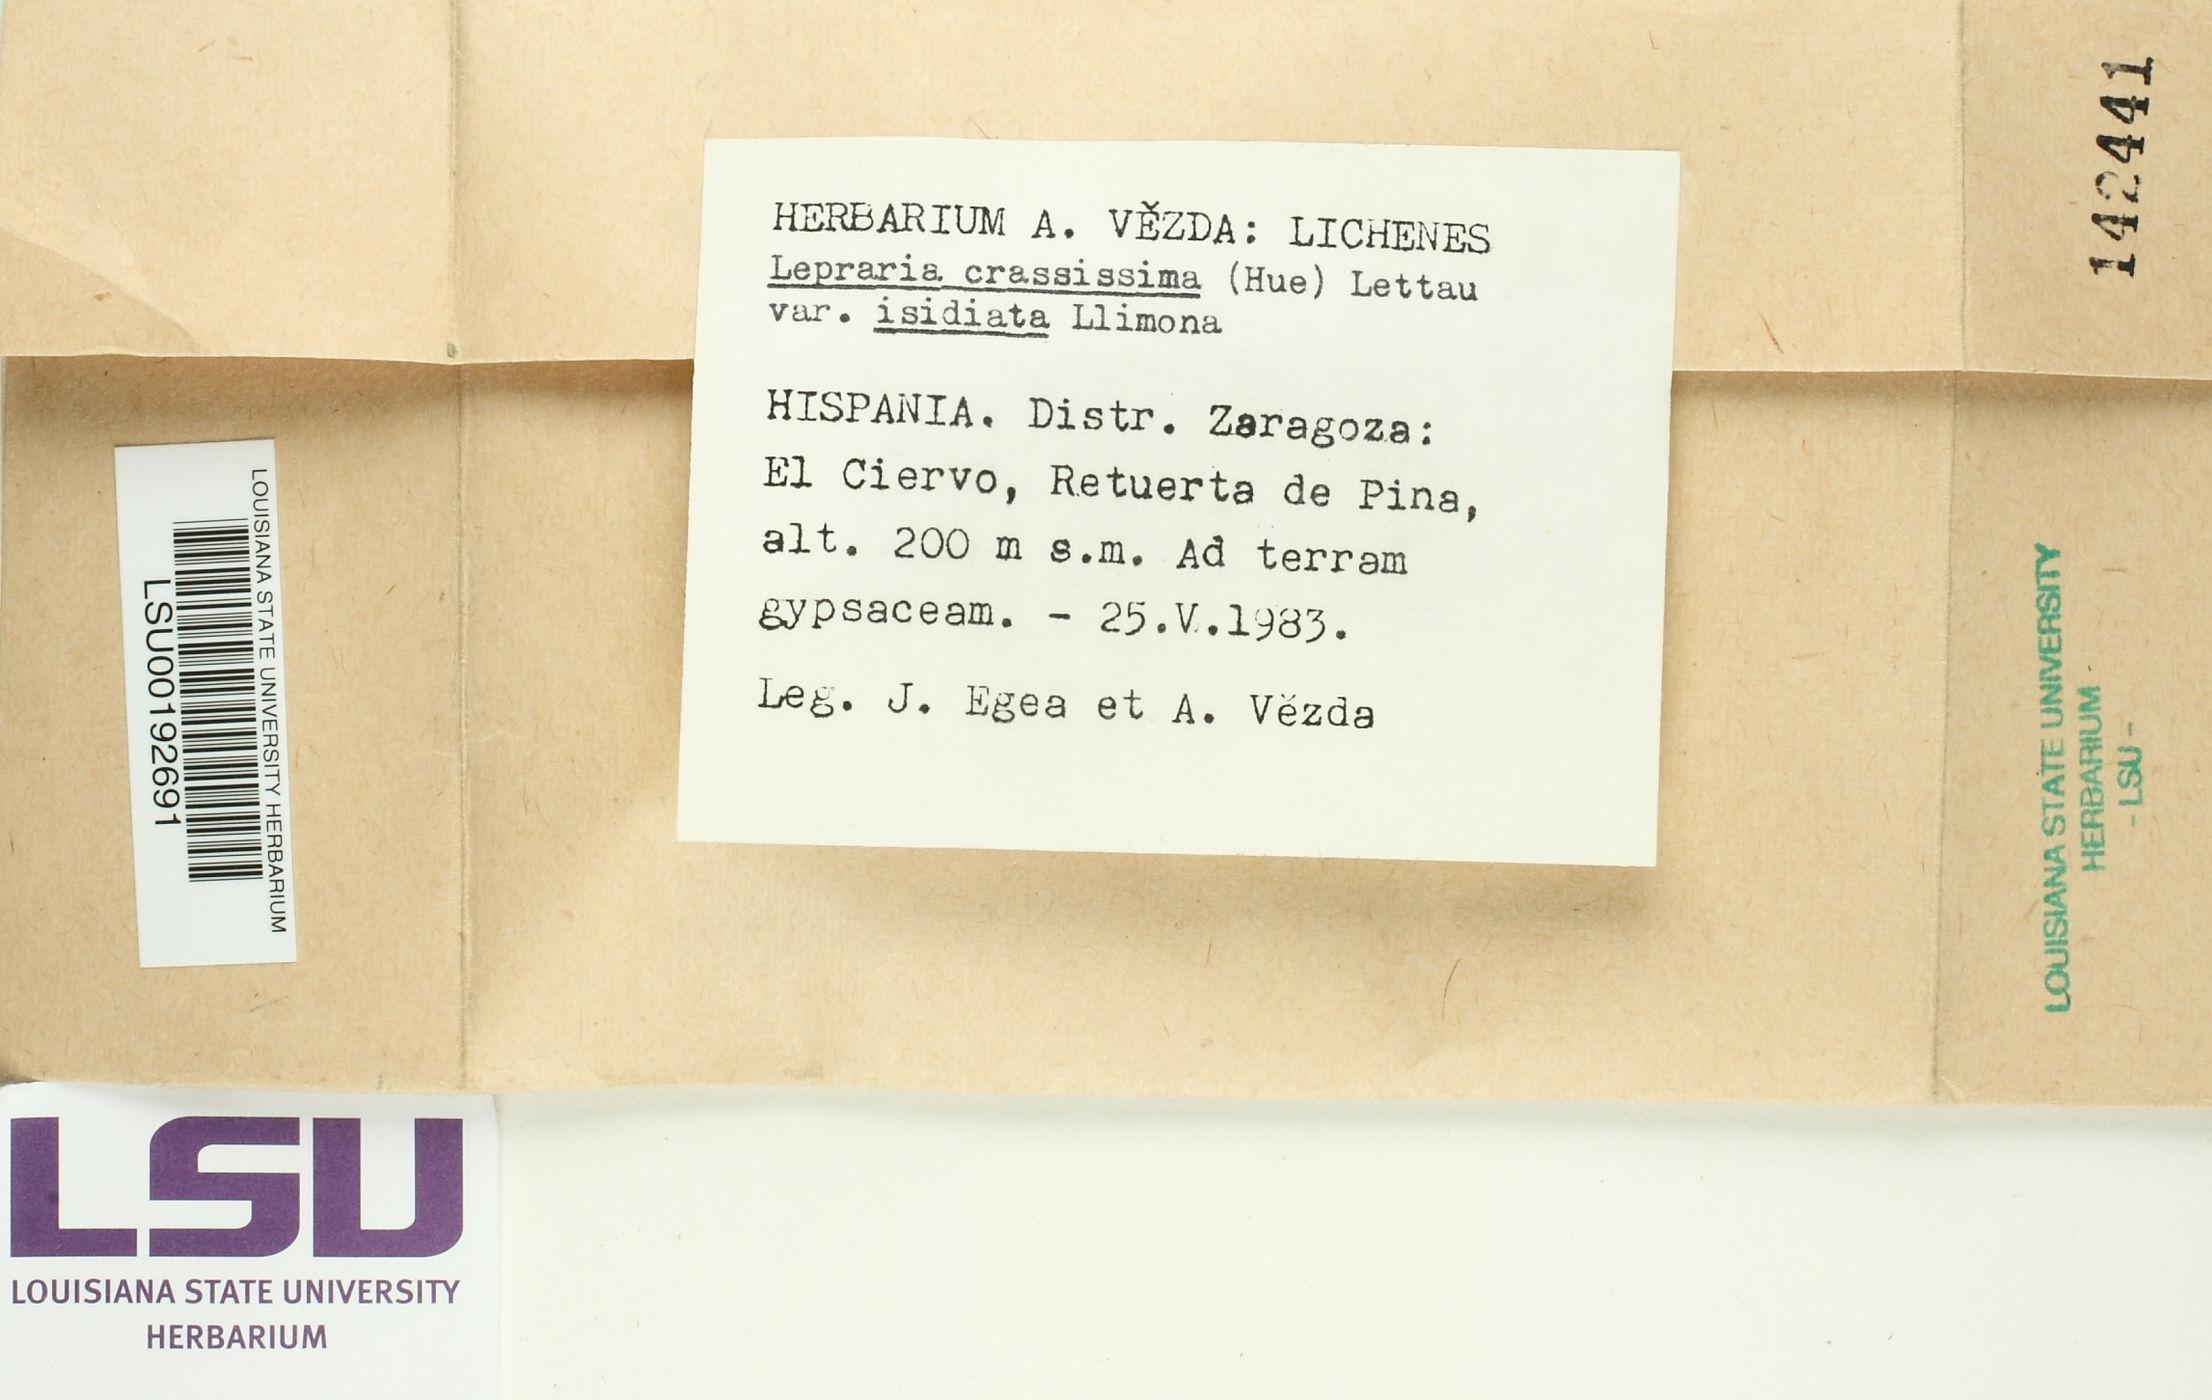 Lepraria crassissima image